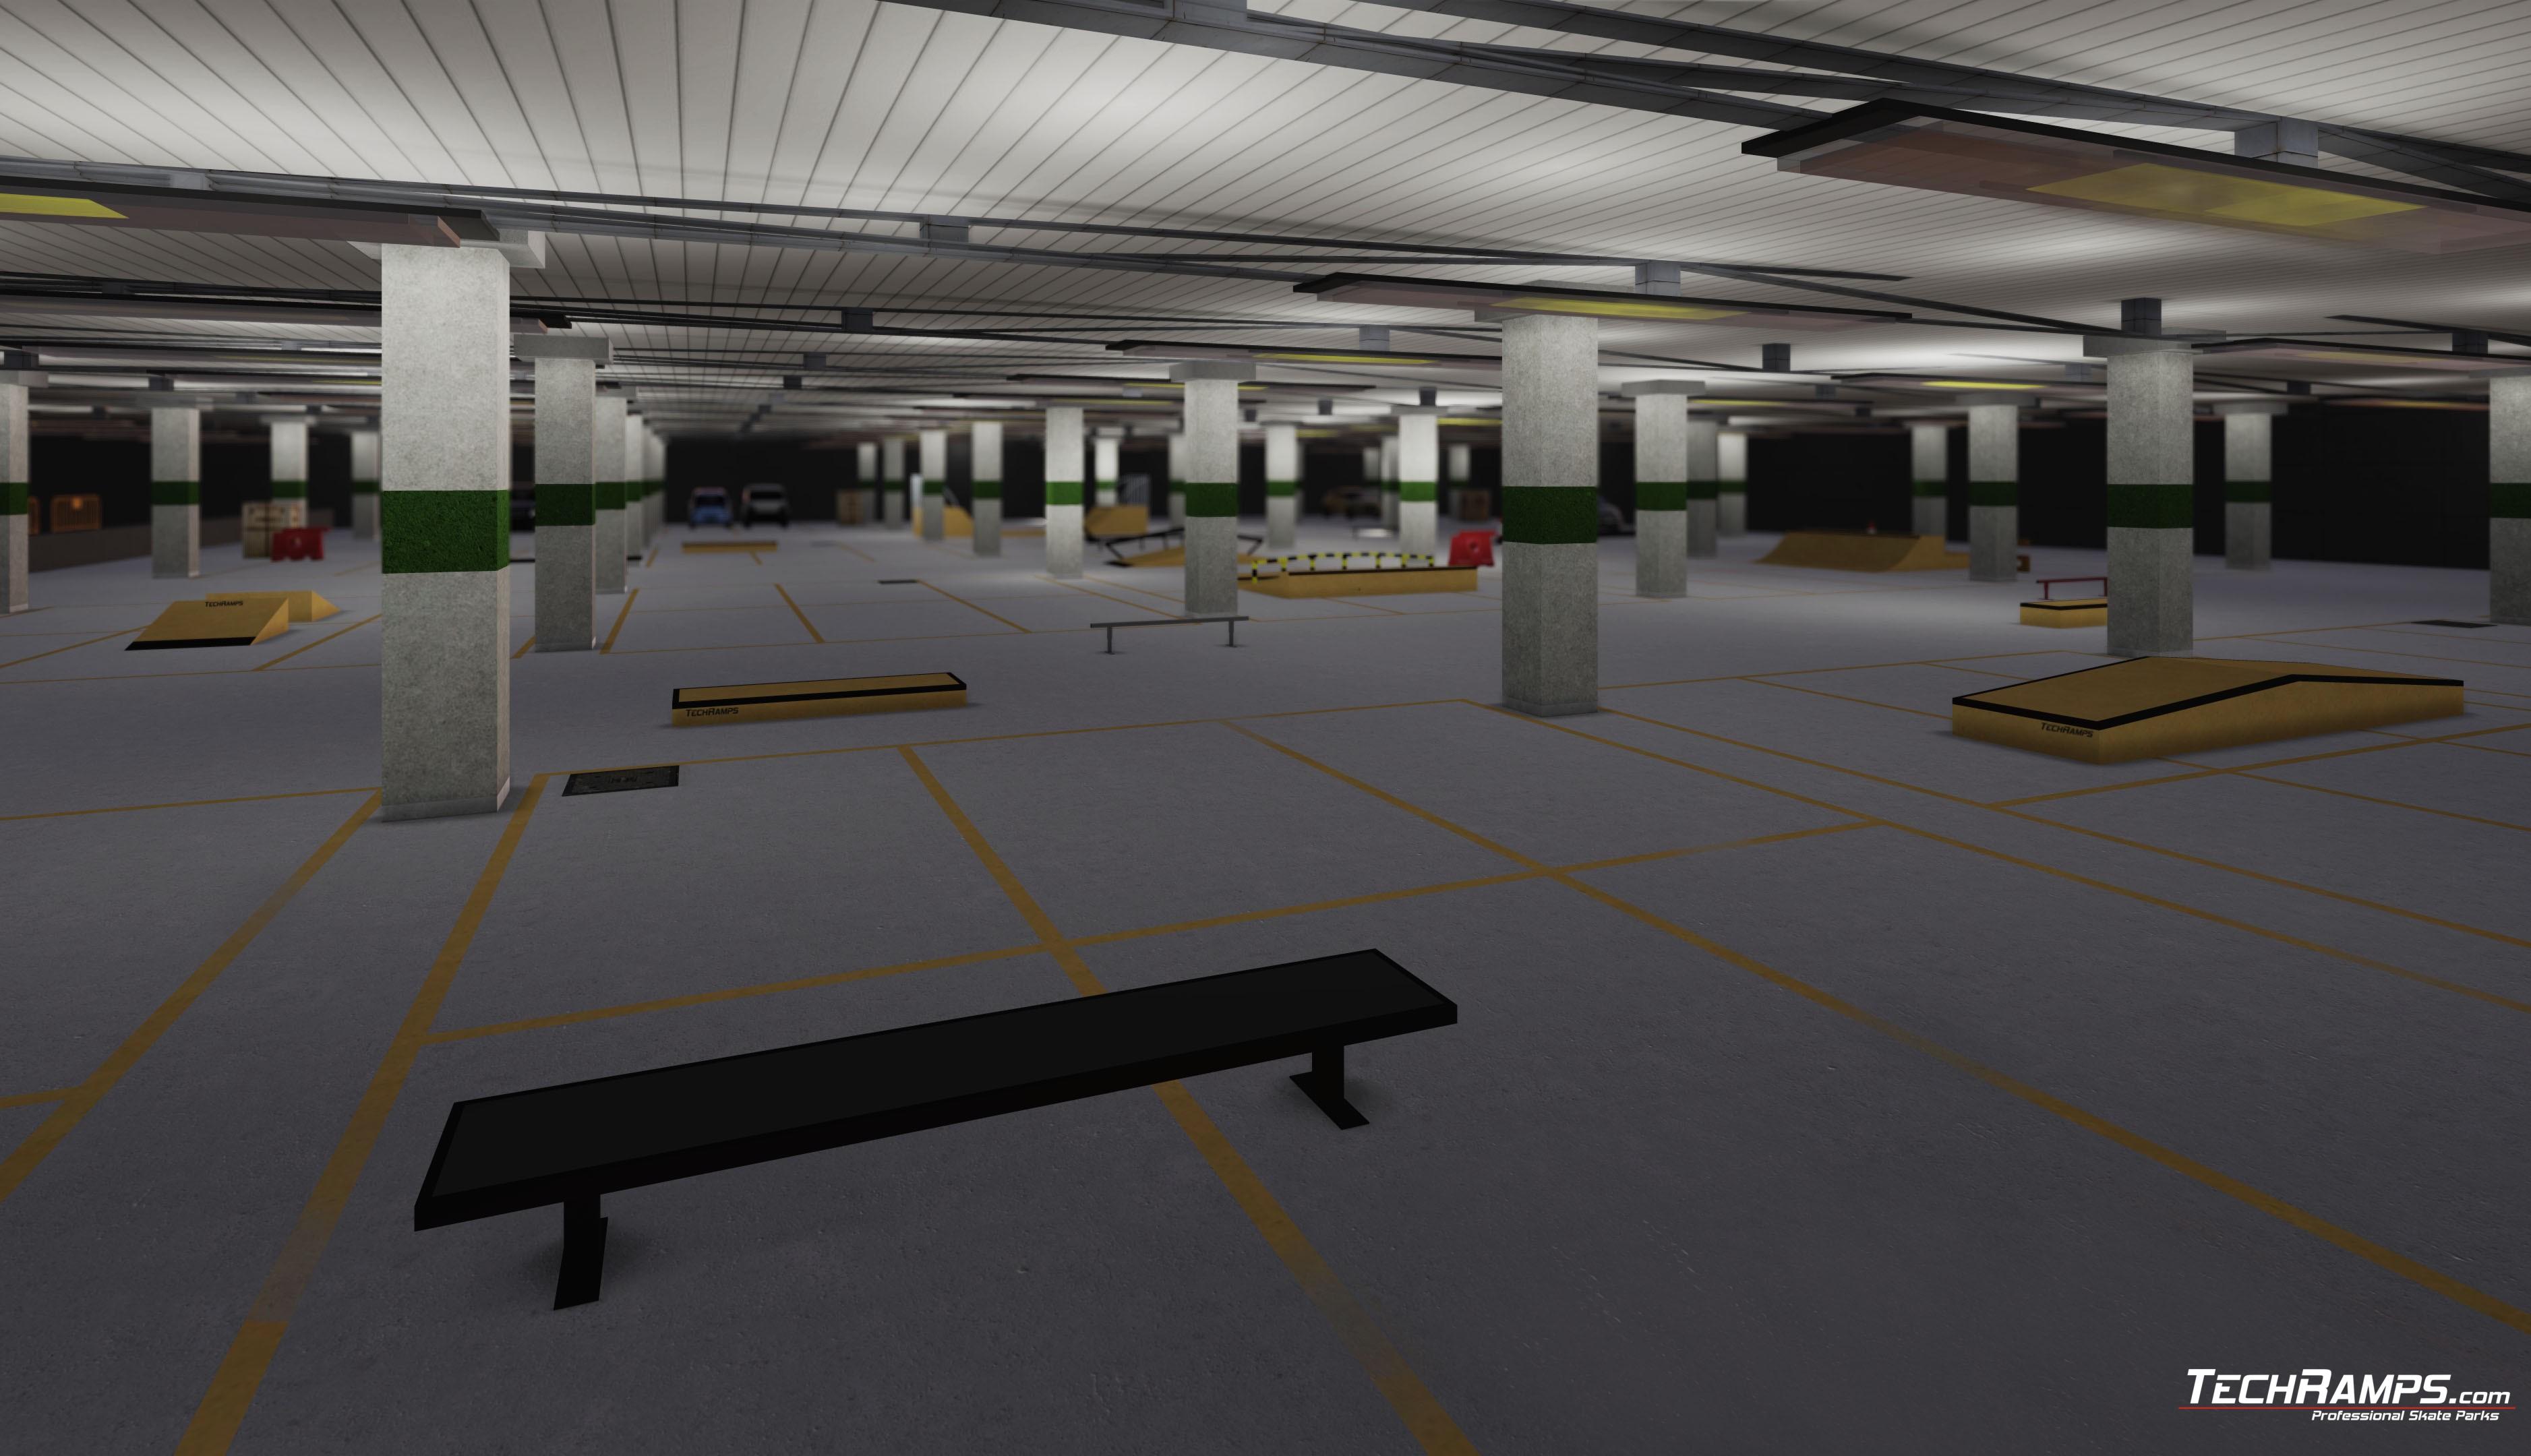 Wizualizacja skateparku - Stadion Narodowy